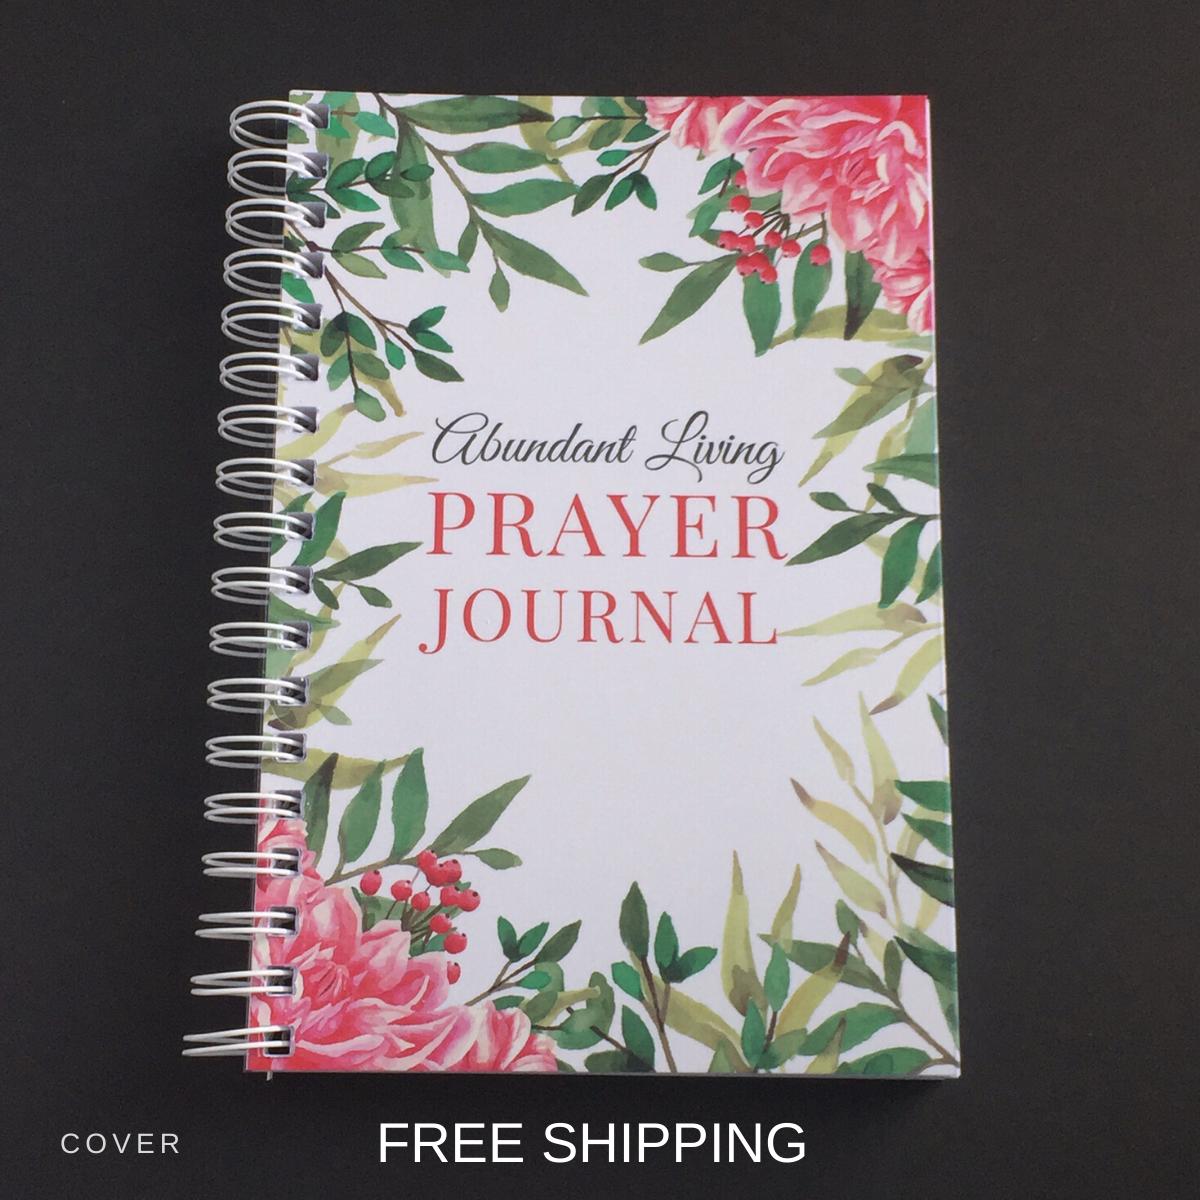 abundant living prayer journal